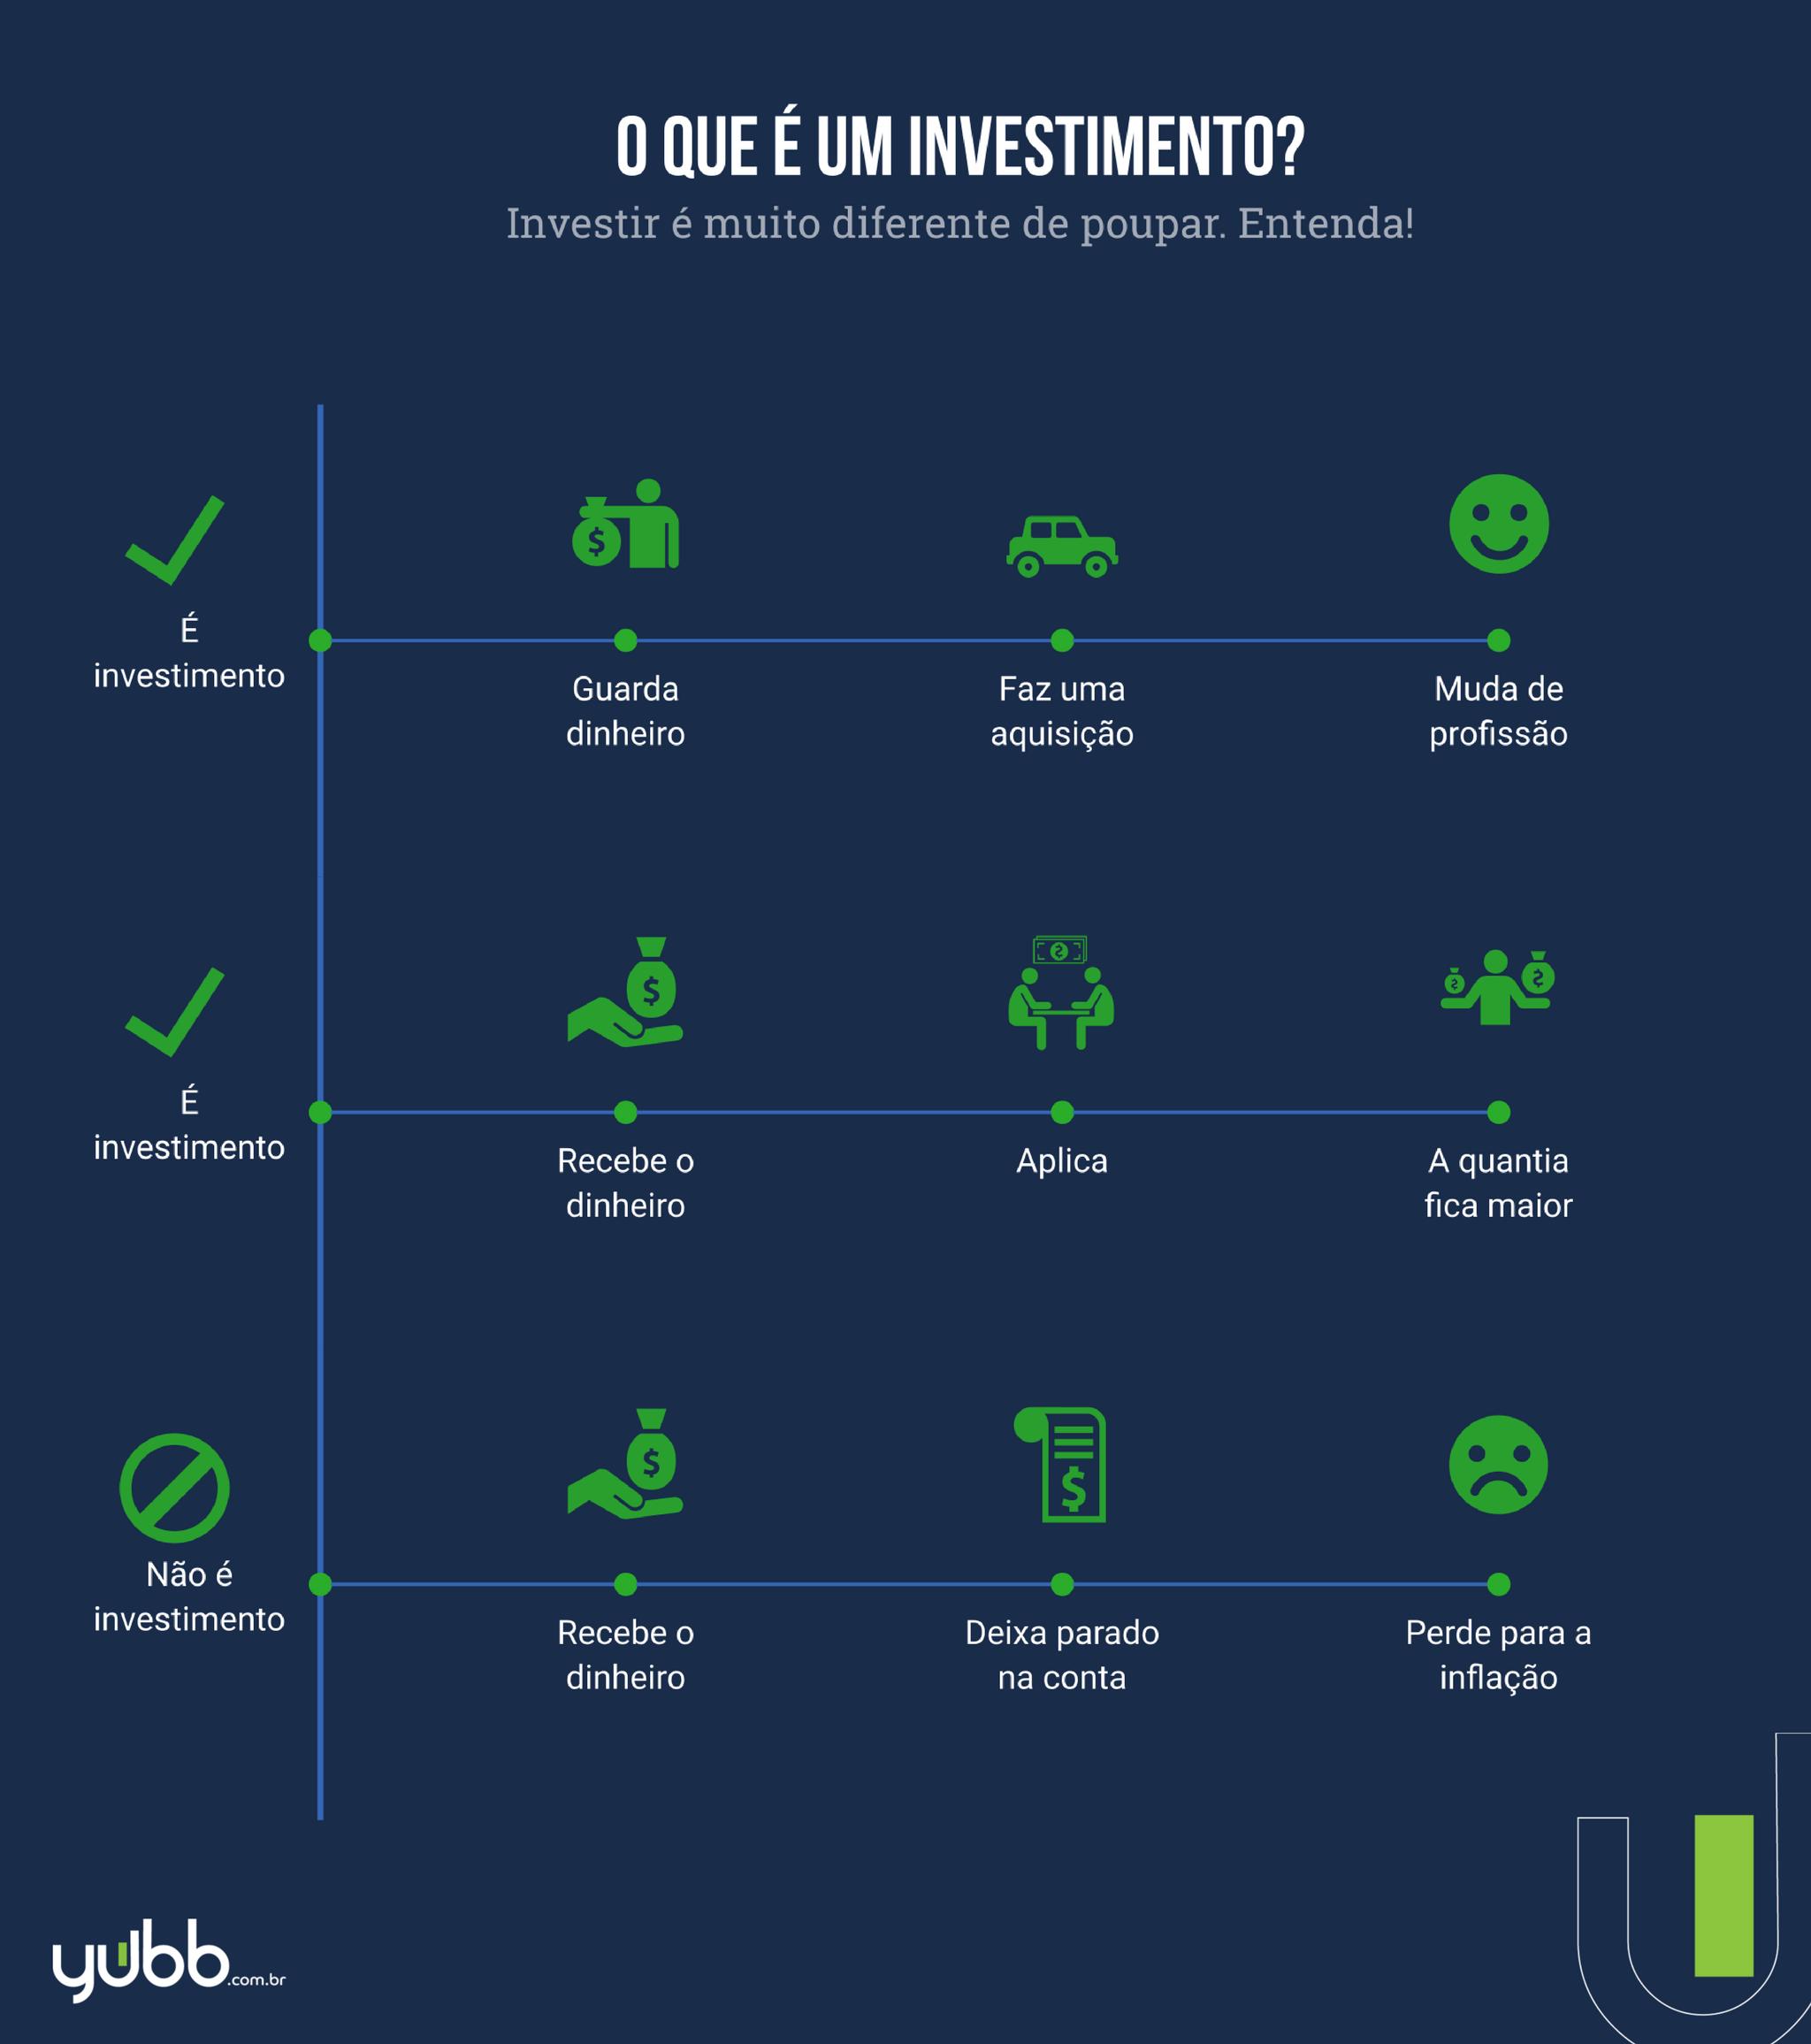 O que é um investimento? Leia o post e descubra